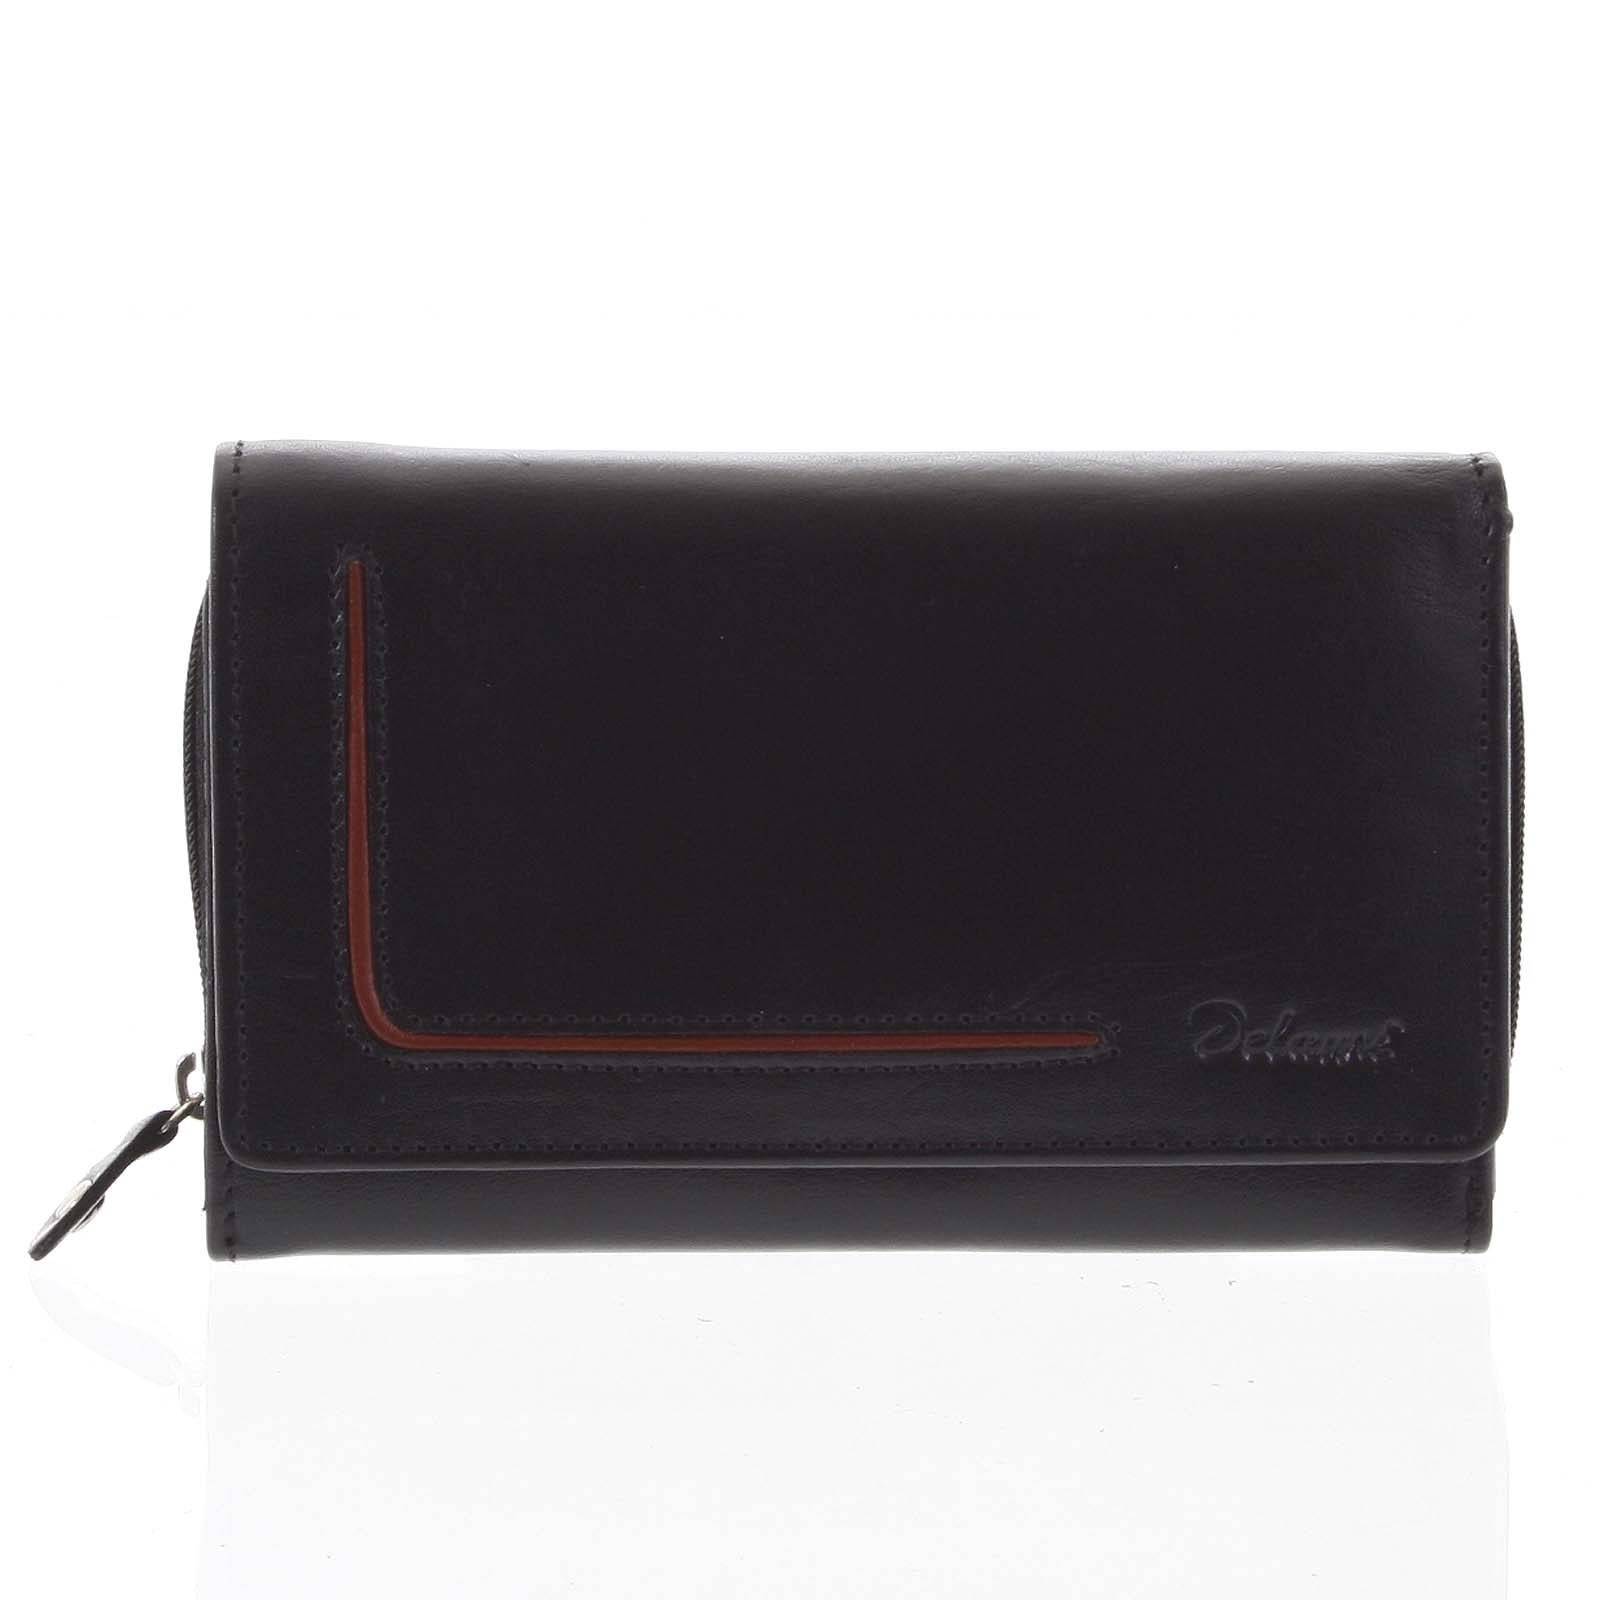 Dámska kožená peňaženka čierna - Delami Nuria čierna